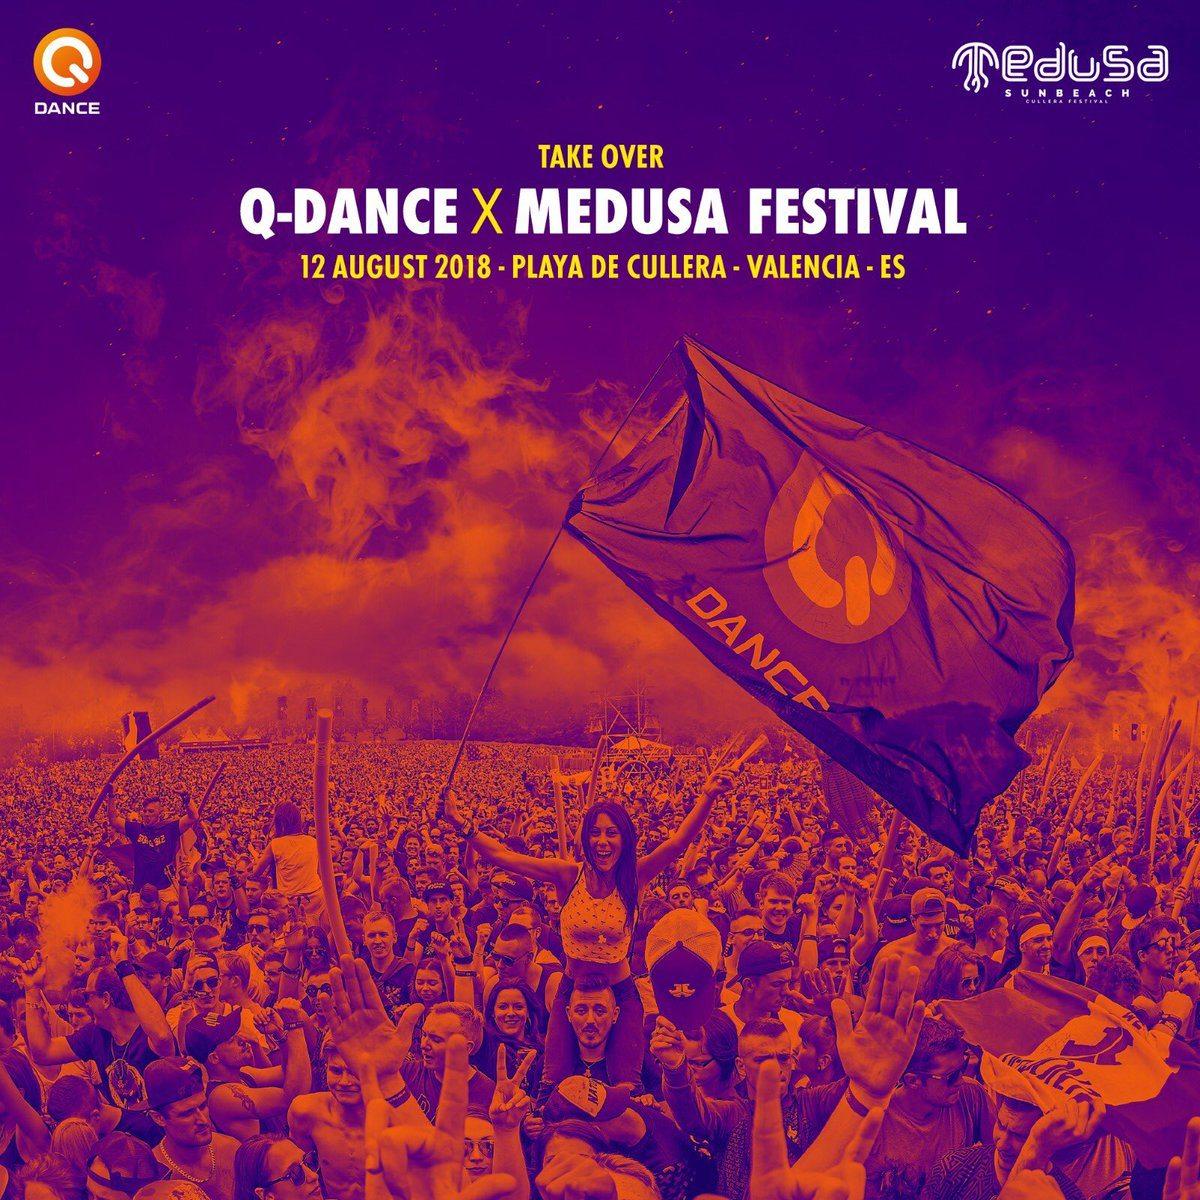 Medusa Festival Qdance España